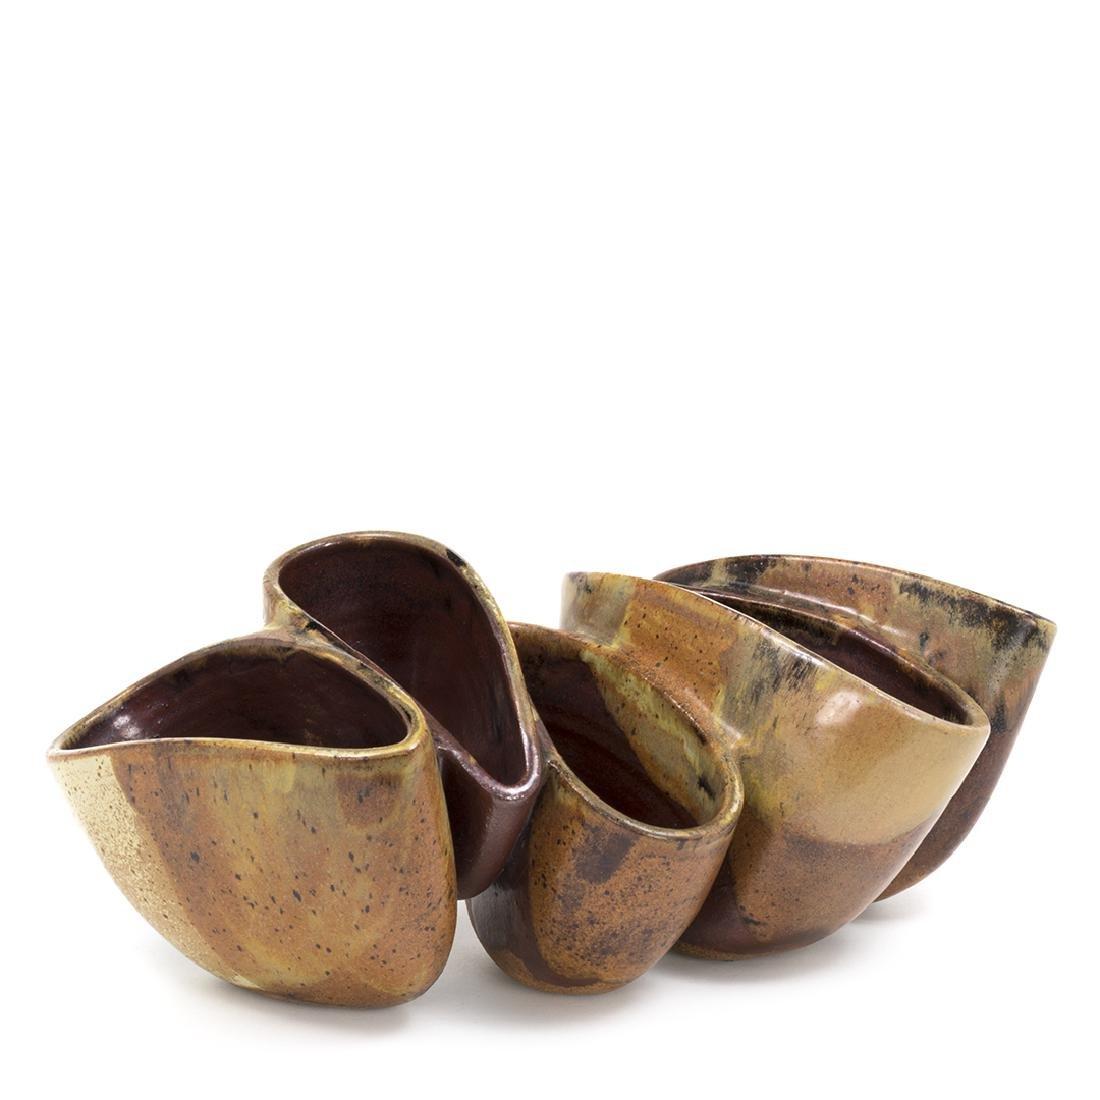 Joel Edwards Pottery Vessel